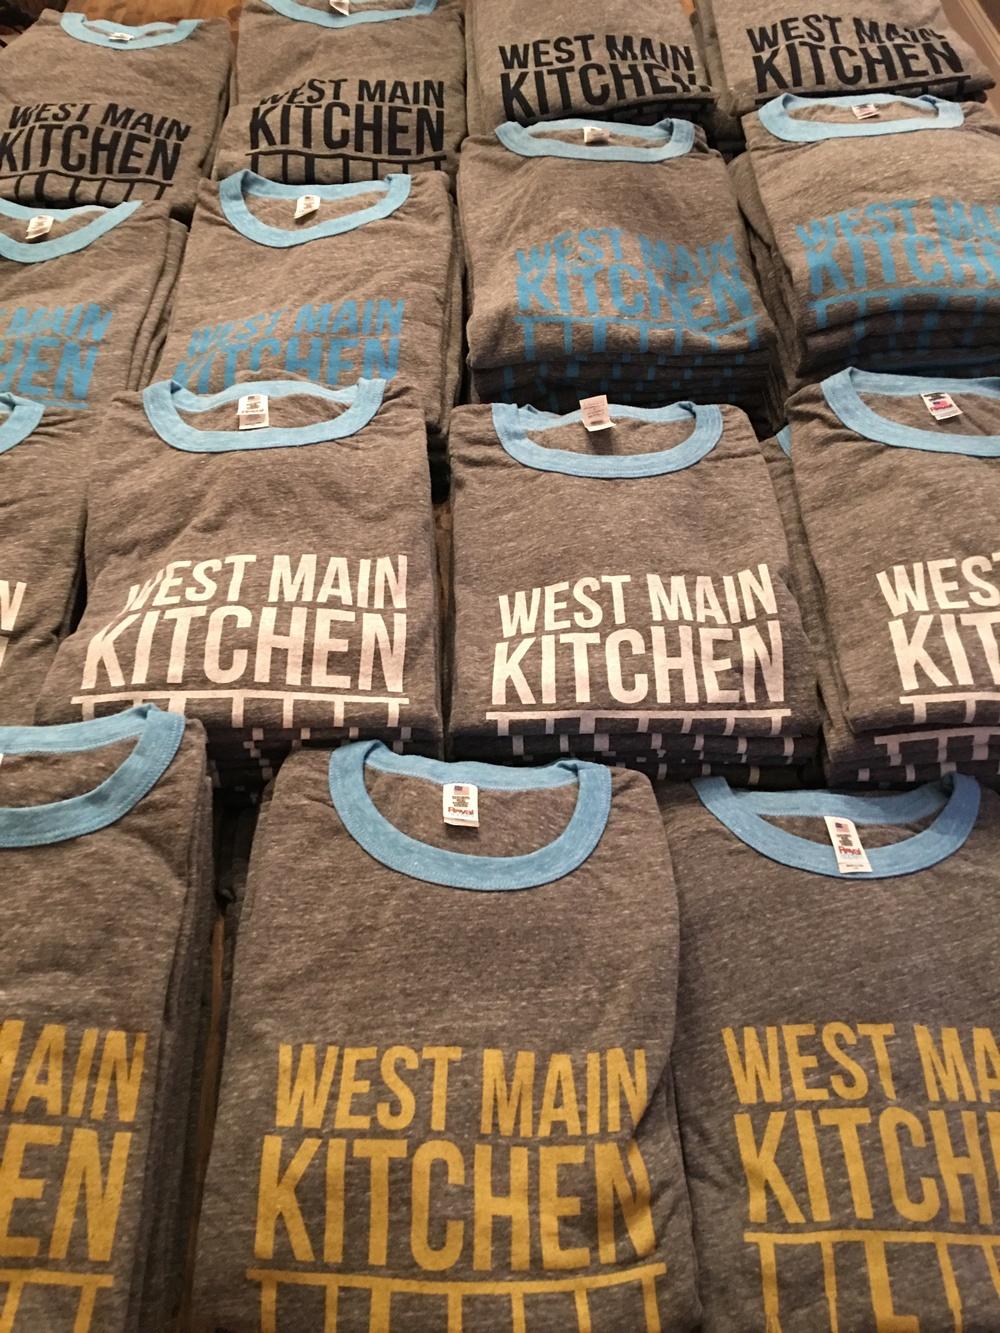 West Main Kitchen